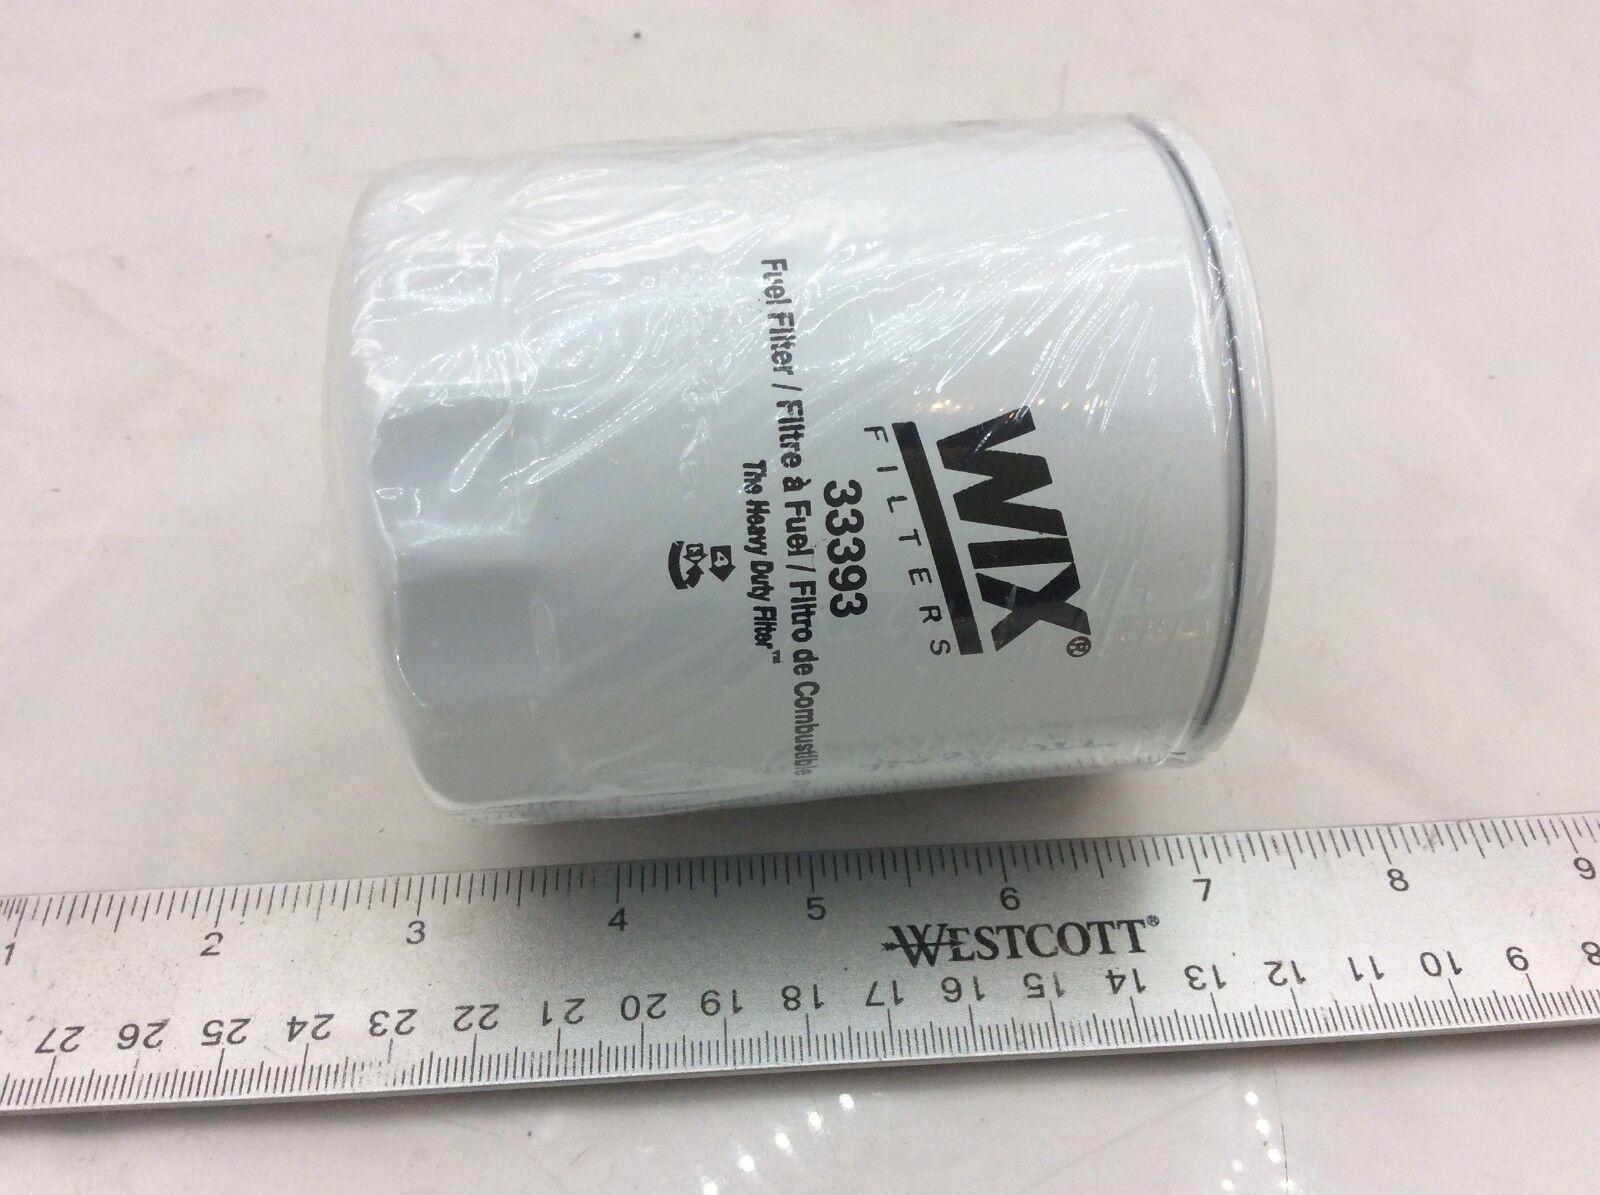 WIX 33759 Fuel Pump Filter